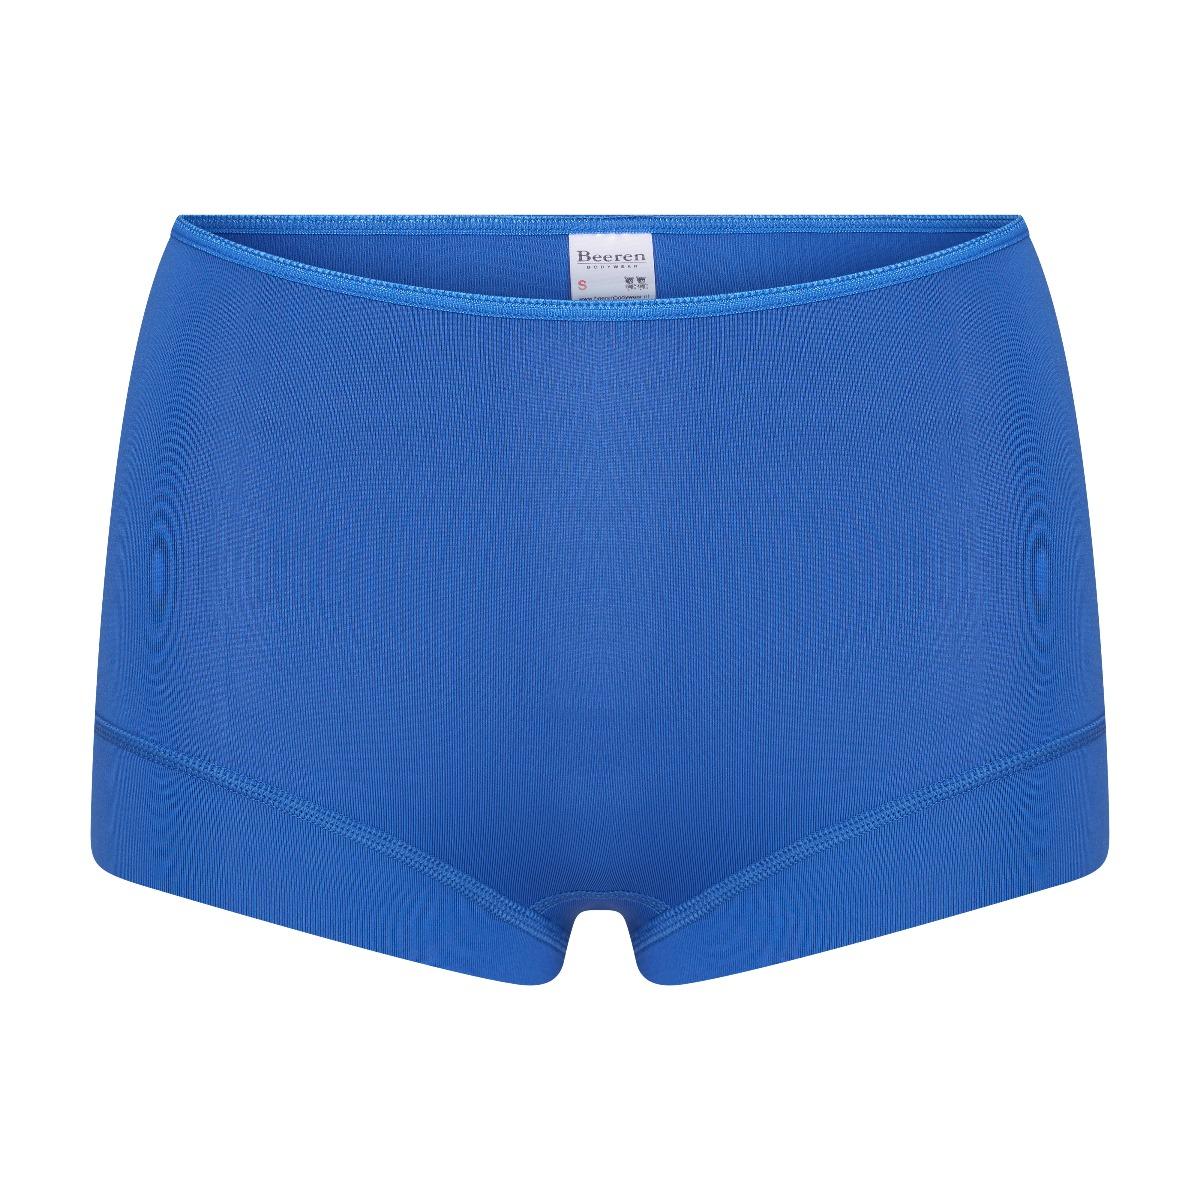 Beeren Elegance Dames Short Blauw S